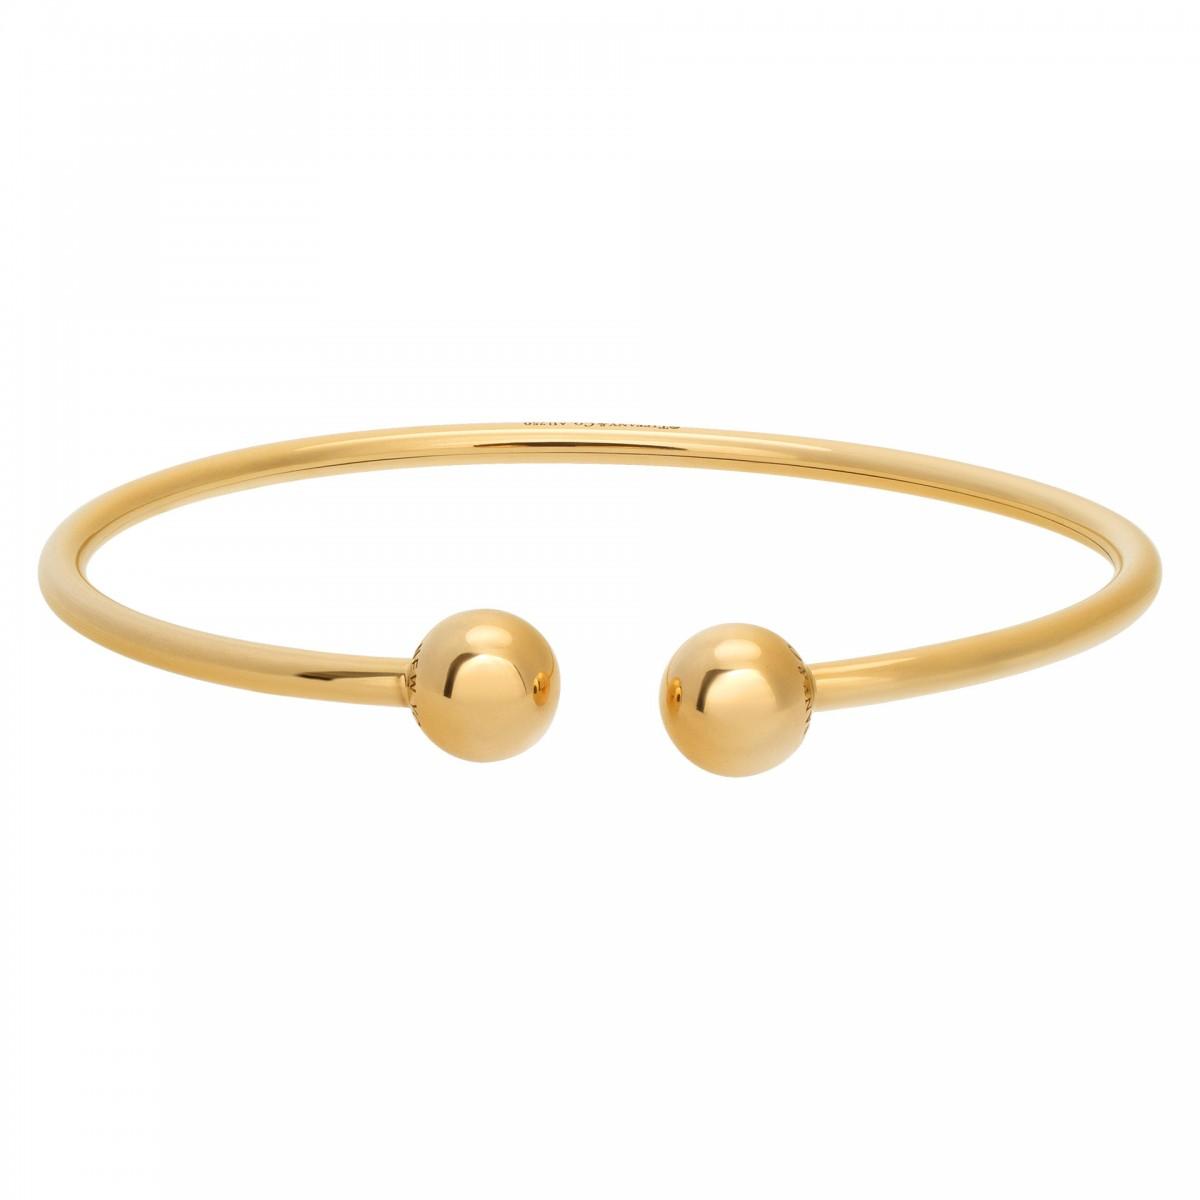 30b3efd7b Tiffany & Co HardWear Wire Ball bracelet in 18k yellow gold | Gray & S